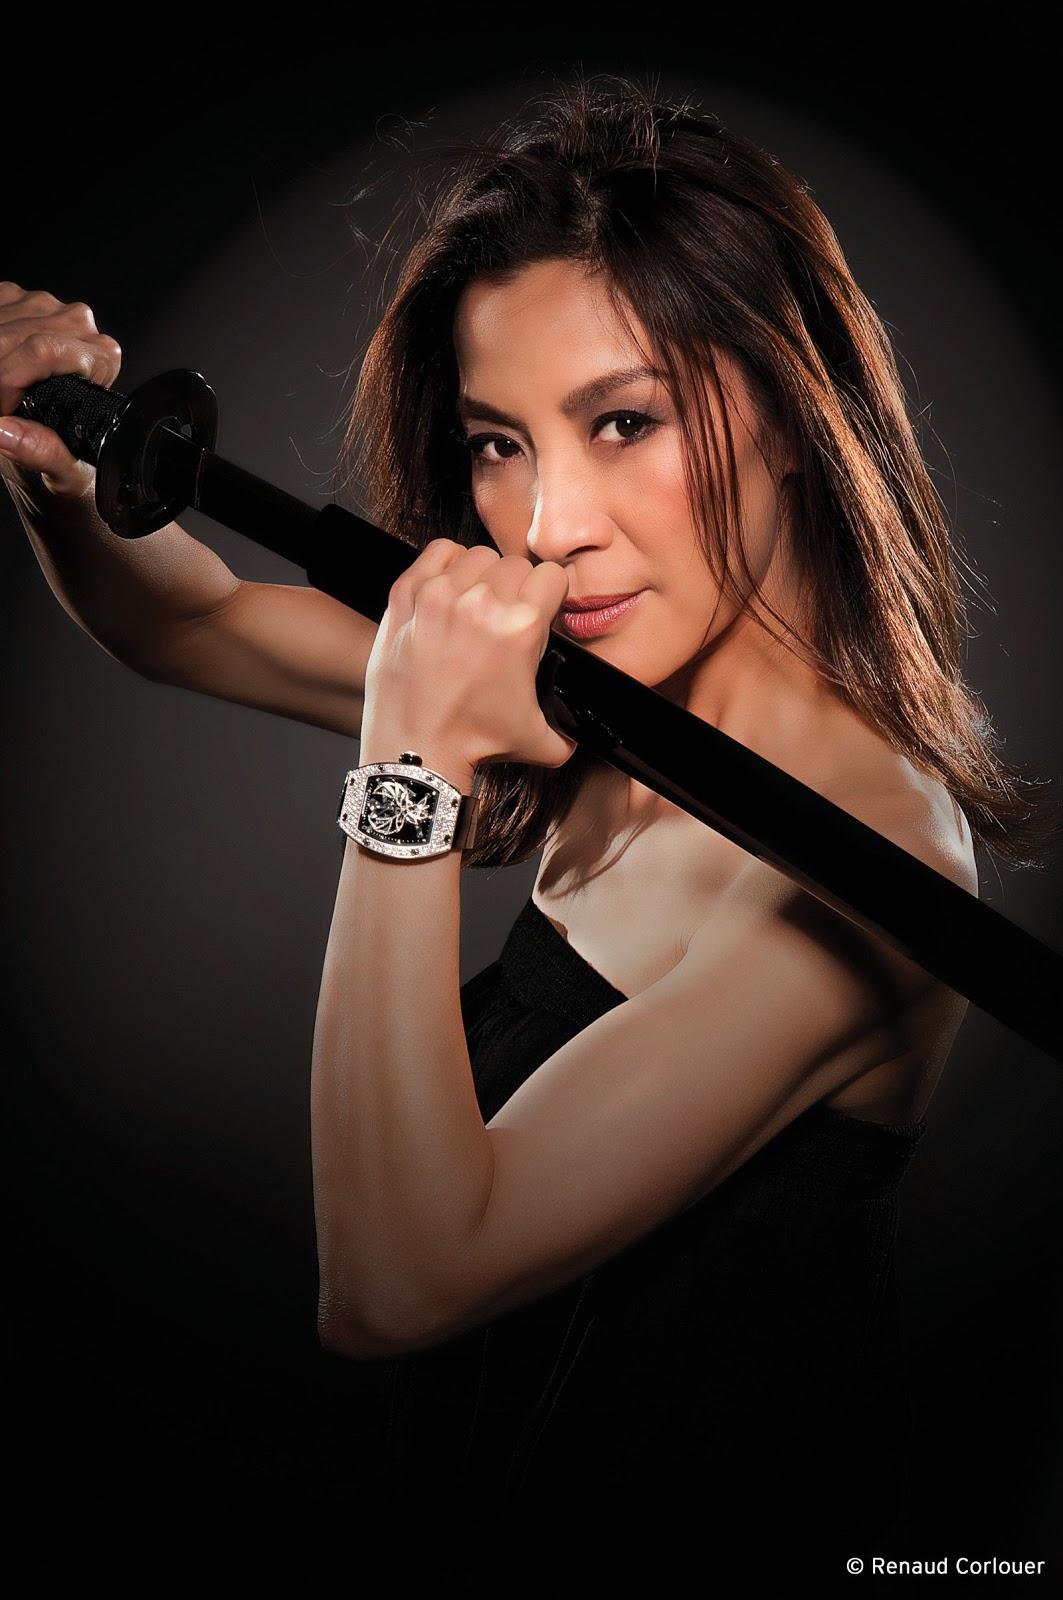 http://4.bp.blogspot.com/-GZXnNQTiL6k/UTCoDeW83EI/AAAAAAAANaw/m-CpjWI3ENY/s1600/Michelle-Yeoh-004.jpg